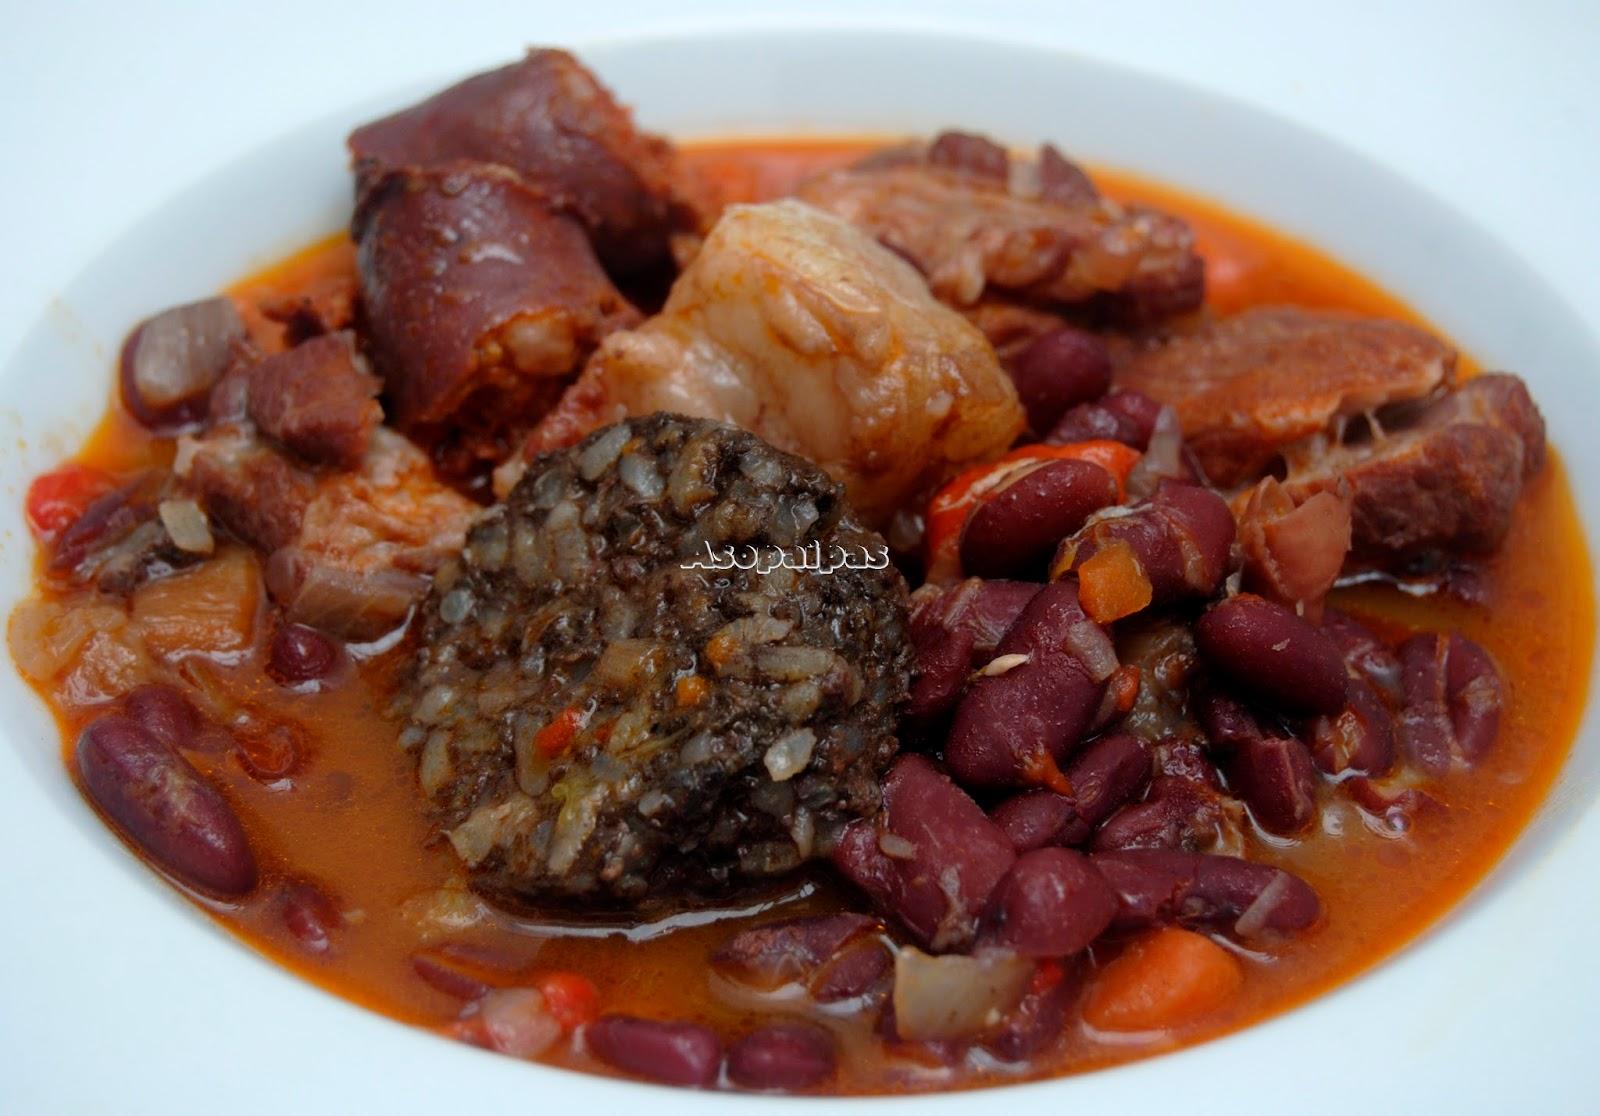 Alubias rojas con costillas adobadas receta asopaipas recetas de cocina casera - Alubias rojas con costilla ...